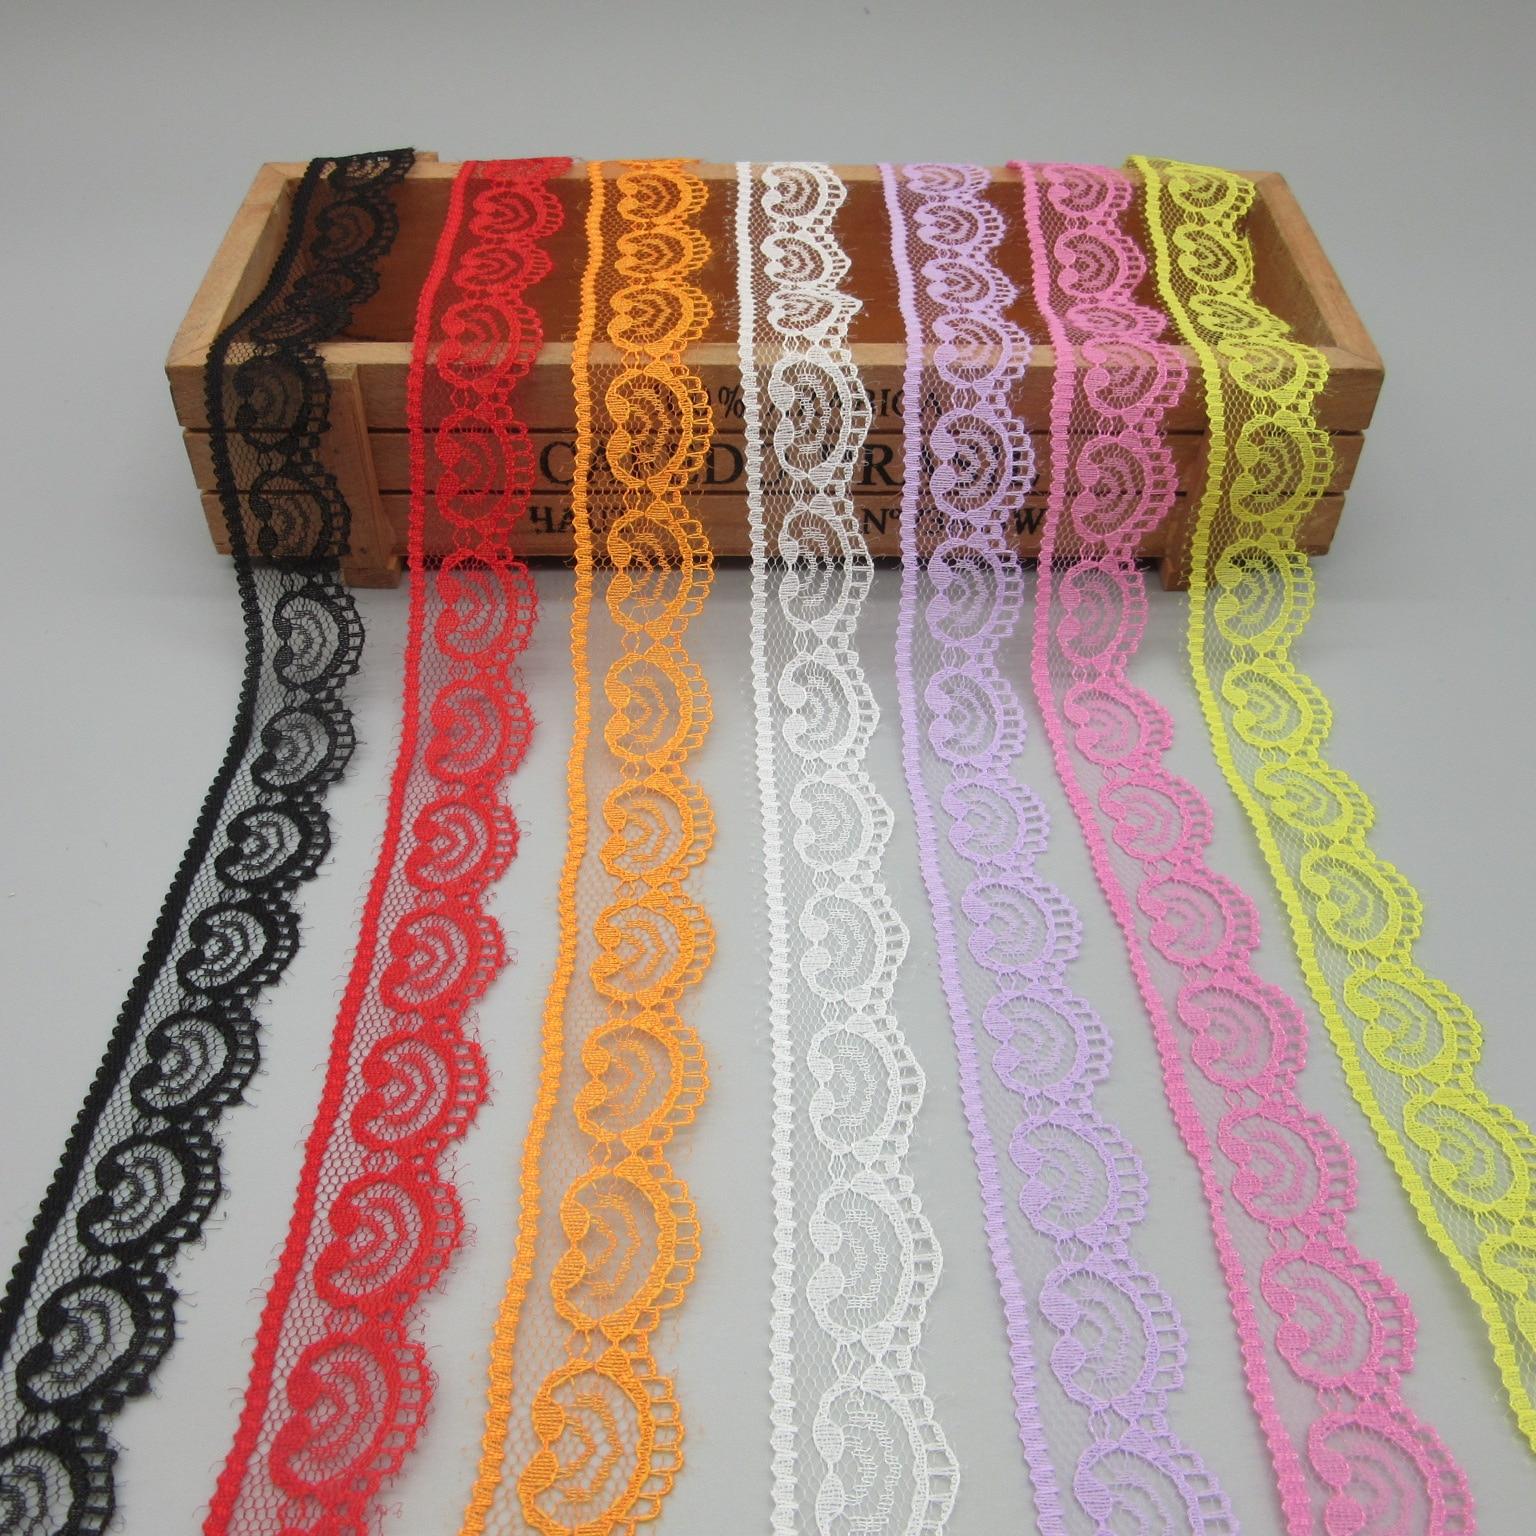 Красивые 10yard кружевной лентой скотч 45 мм широкий отделкой DIY ремесла вышитые шнур Швейные украшения африканских платье кружевной ткани